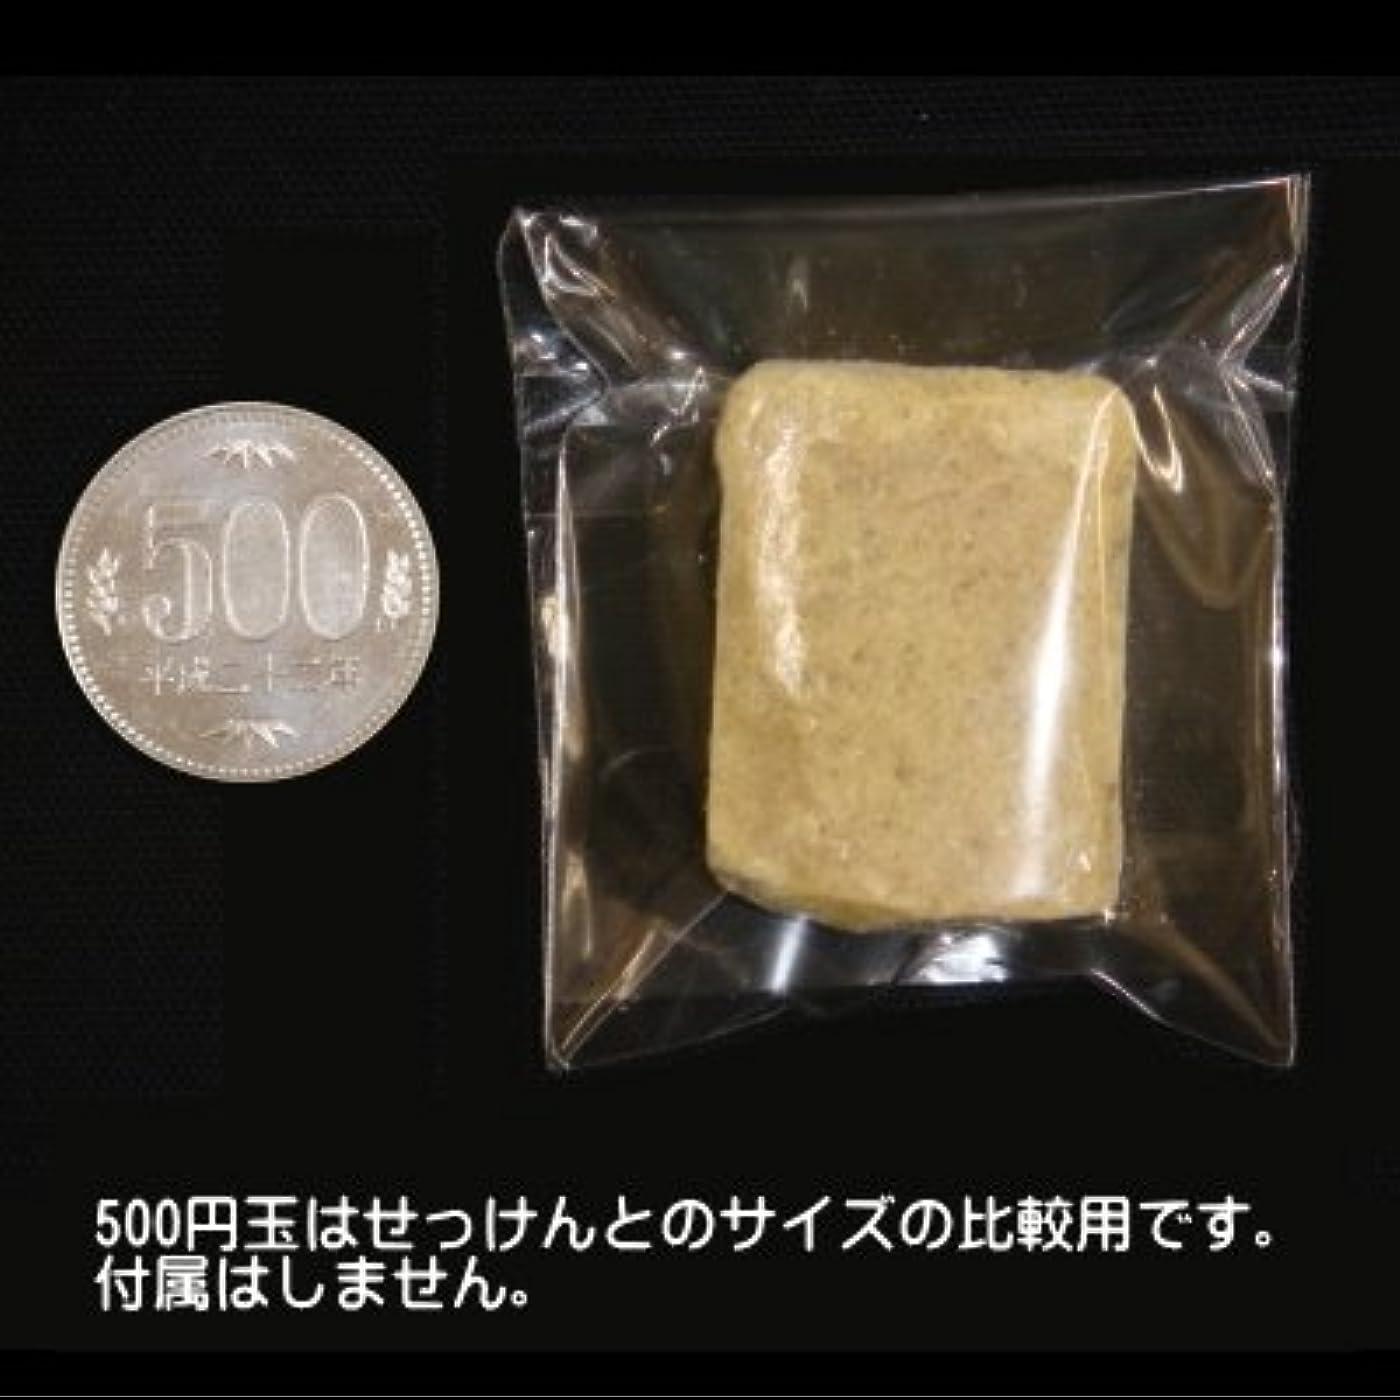 サーバントであるメダル緑茶ノニ石鹸 てづくり野にせっけんお試し用12g(無添加石鹸)